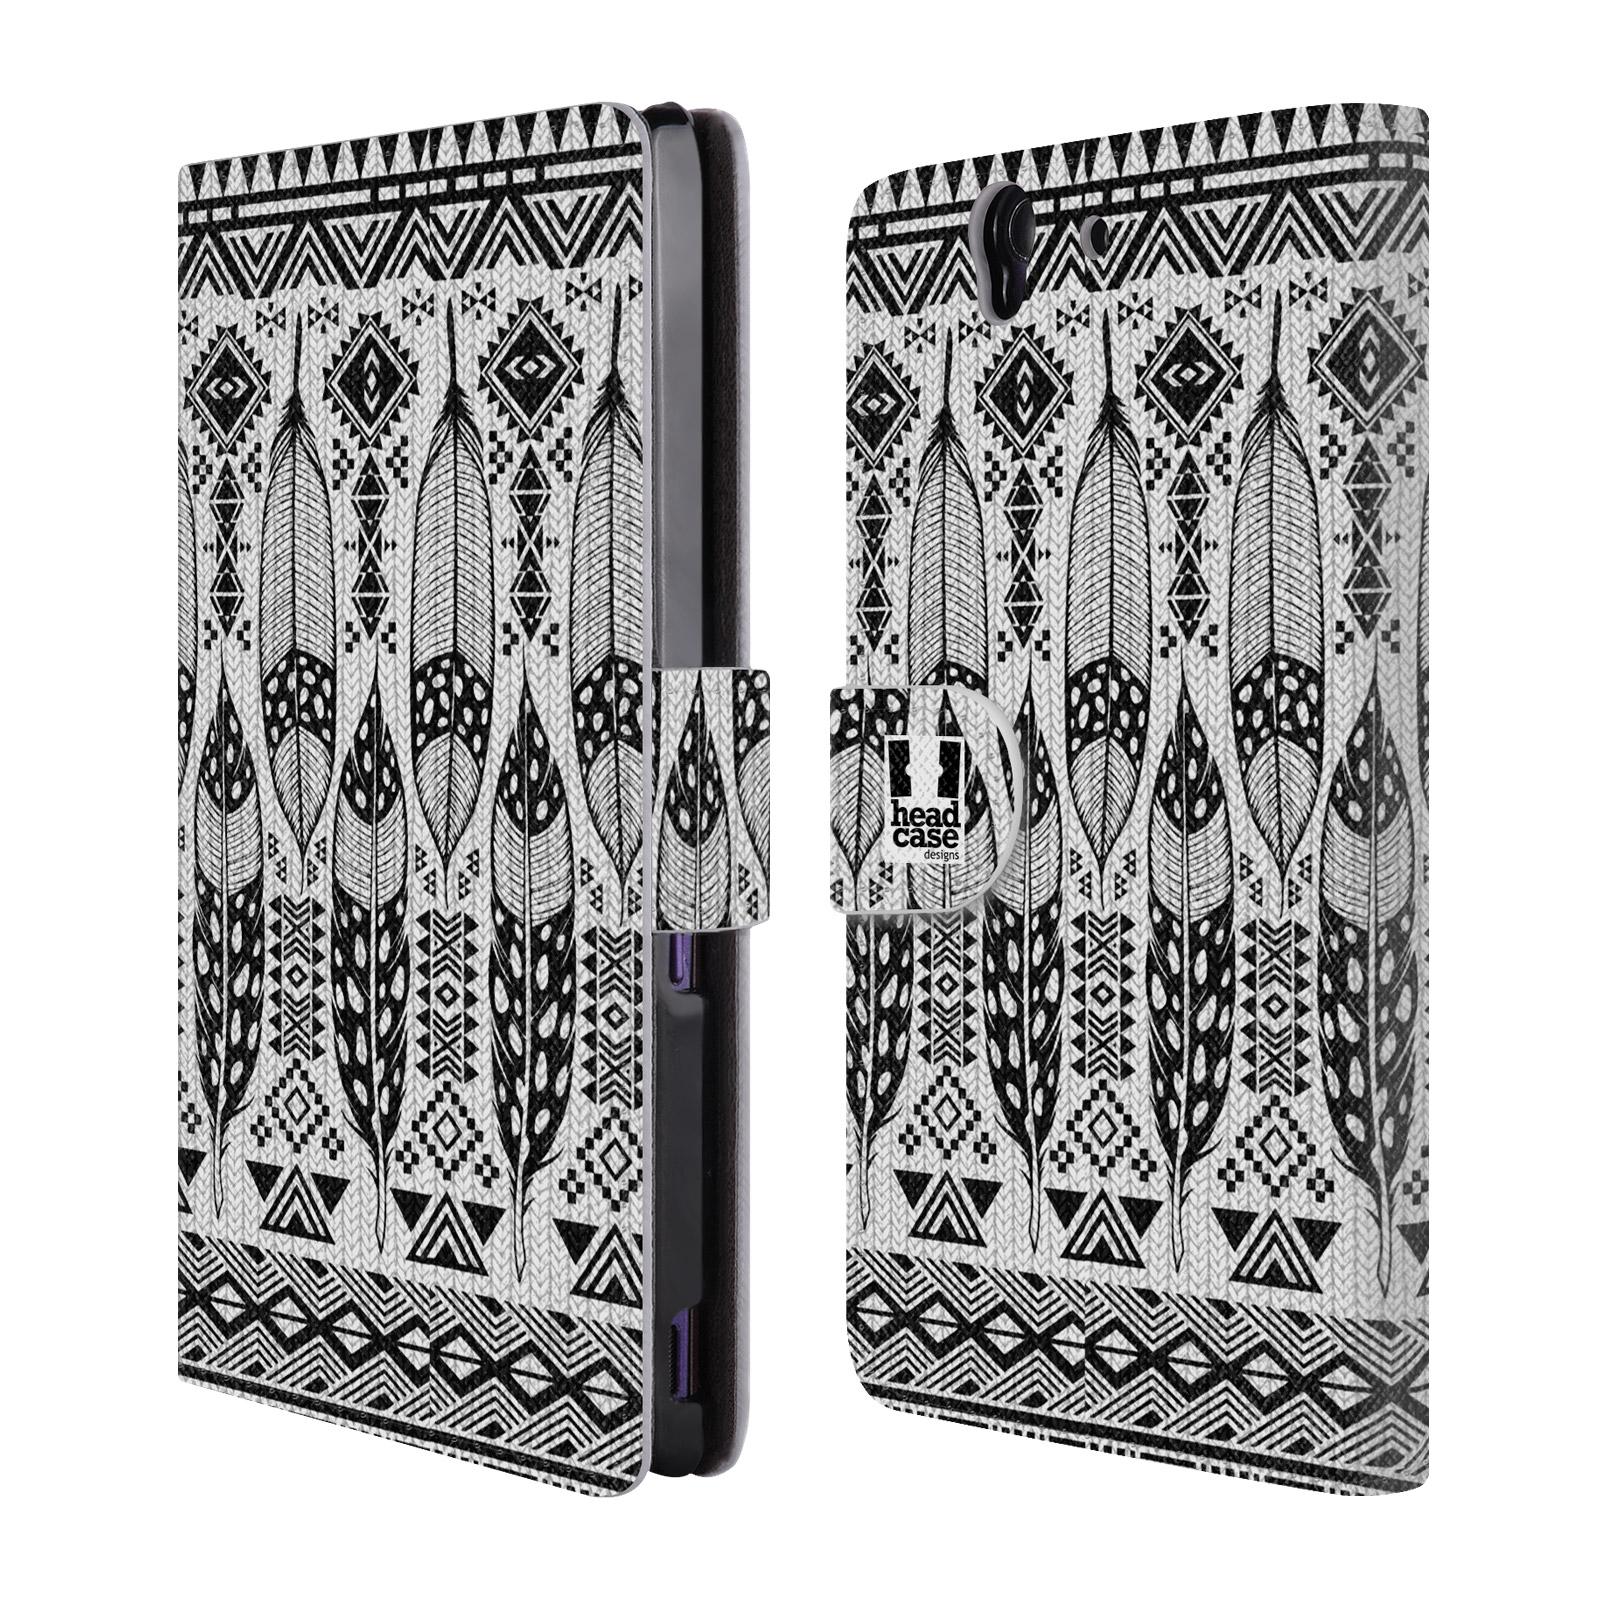 HEAD CASE Flipové pouzdro pro mobil SONY XPERIA Z (C6603) černá a bílá barva tenká pírka